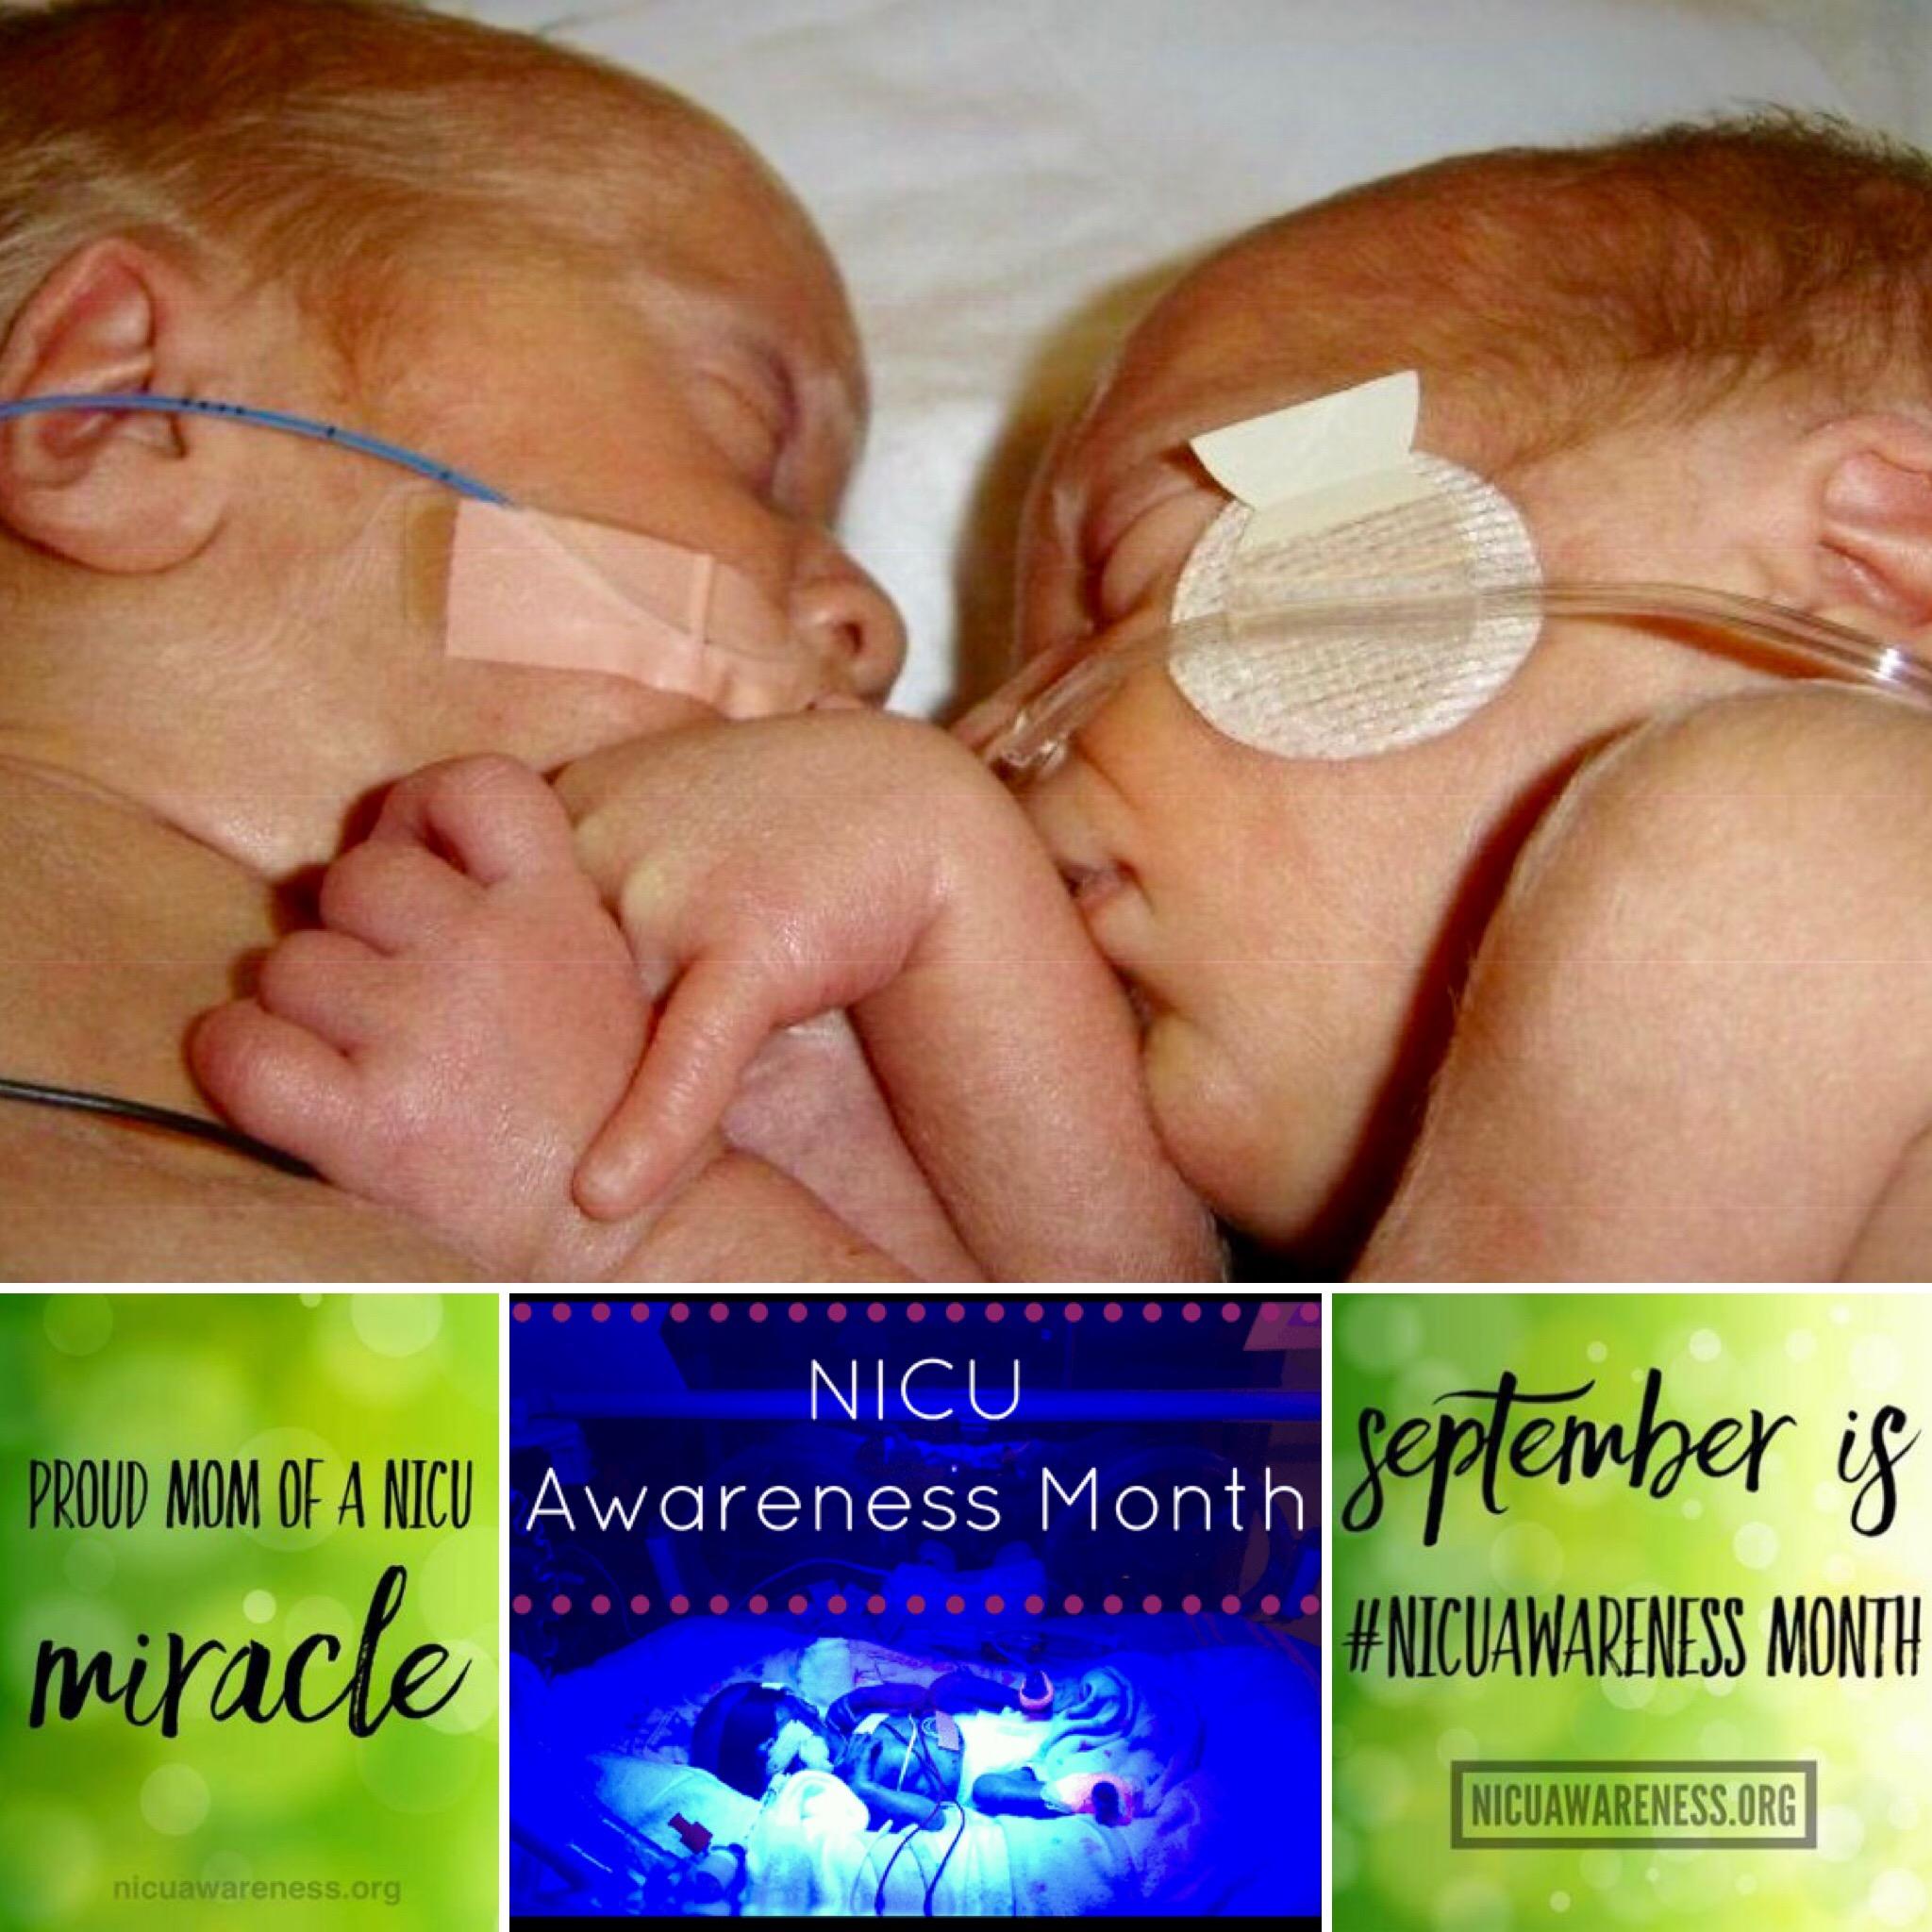 Memoirs of a NICU Mama: NICU Awareness Month